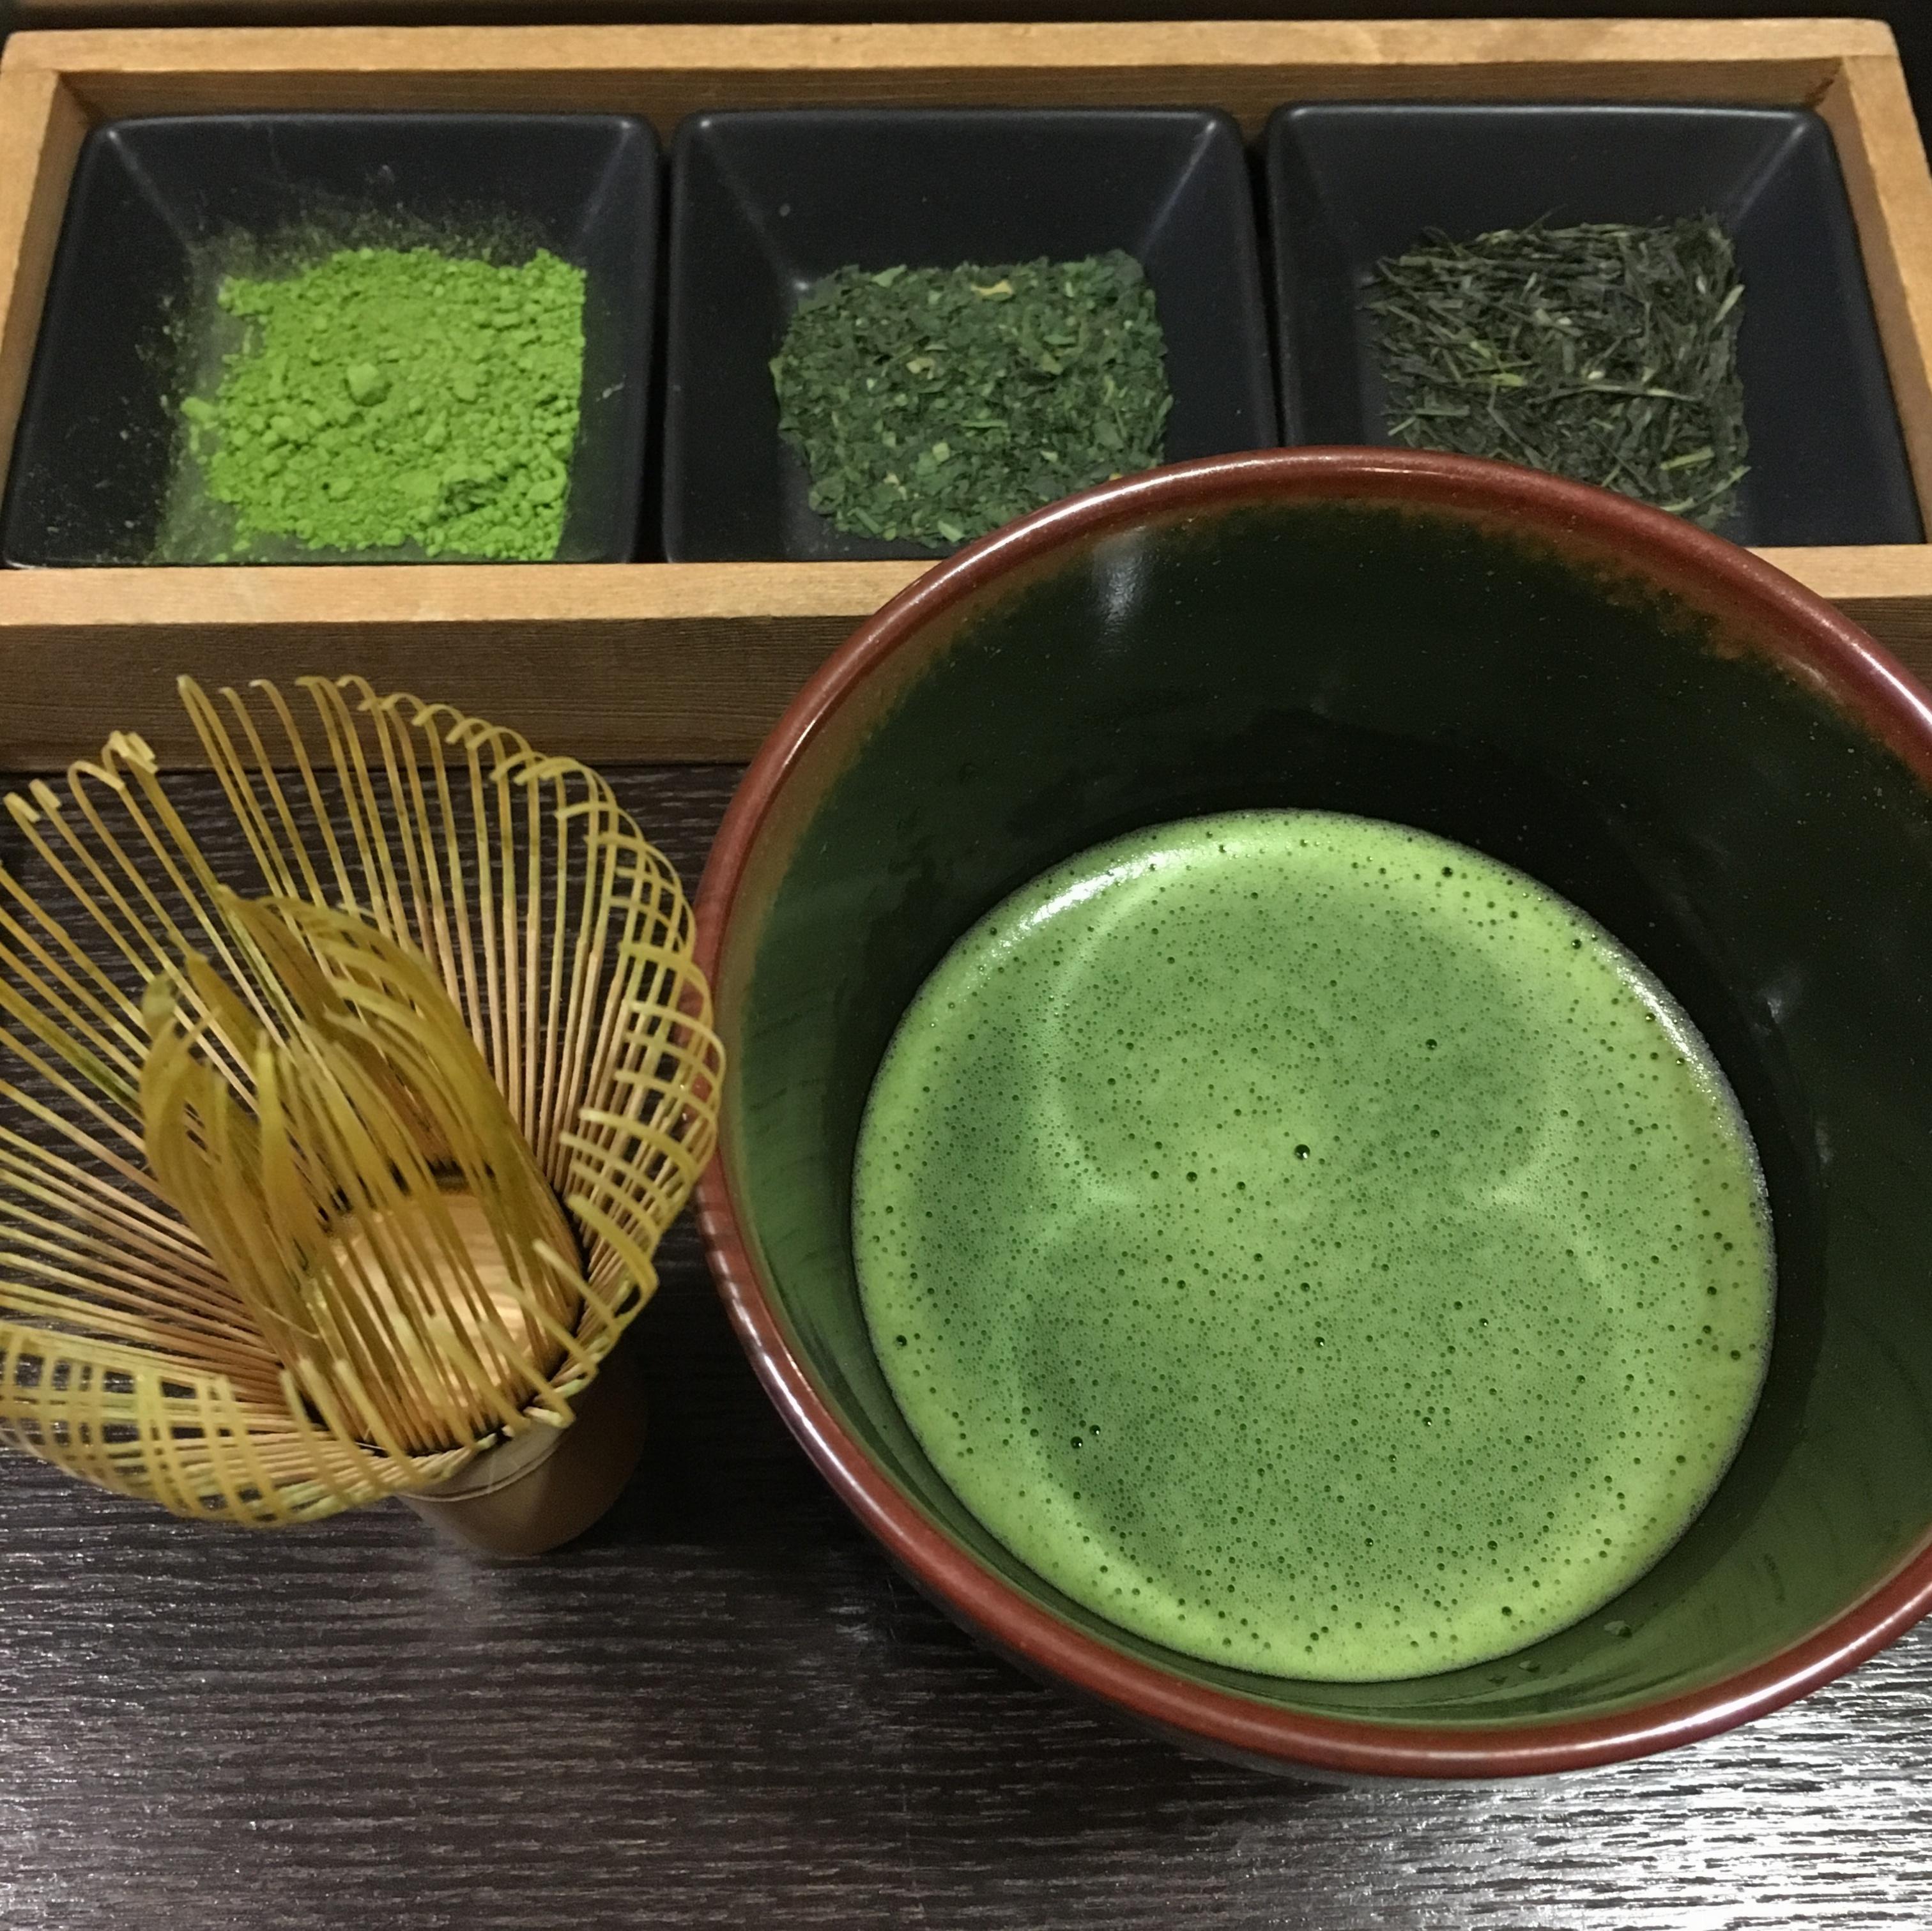 宿泊者は無料で楽しめる♡【碾茶(てんちゃ)と抹茶体験 】で浜松のお茶を堪能~♡【星野リゾート 界 遠州】_1